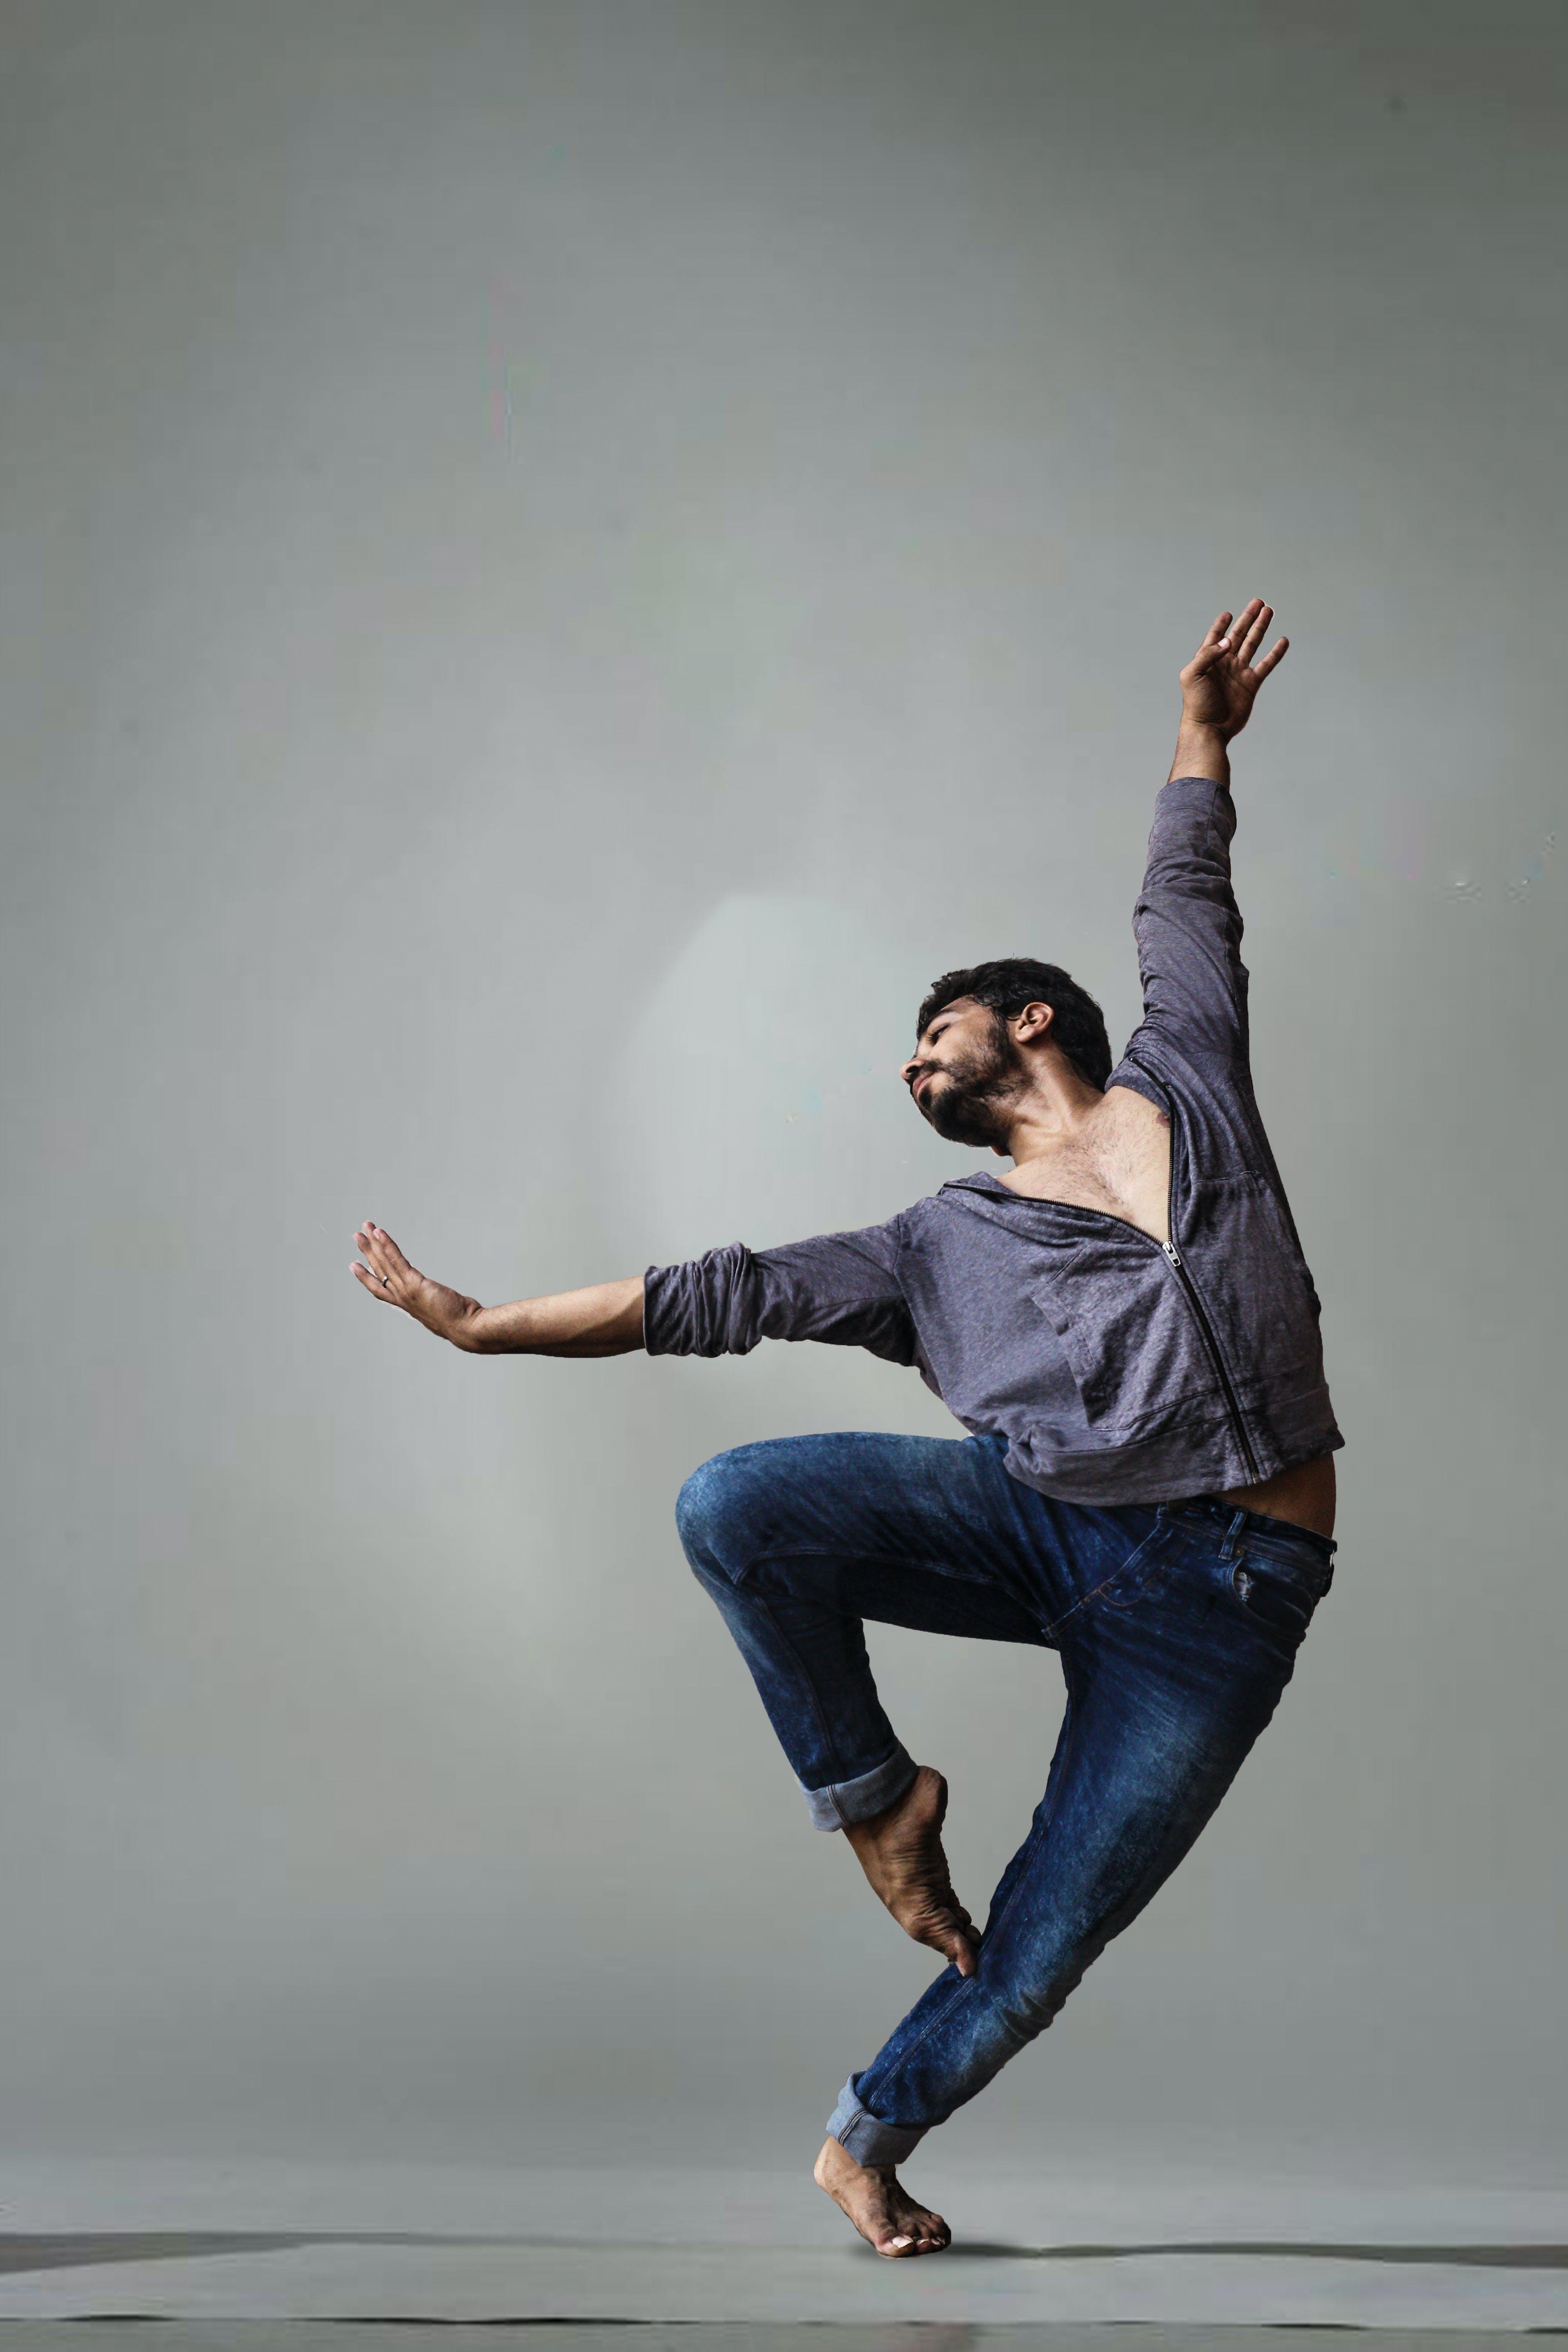 Kostenloses Stock Foto zu balletttänzer, balletttänzer, frei, indien